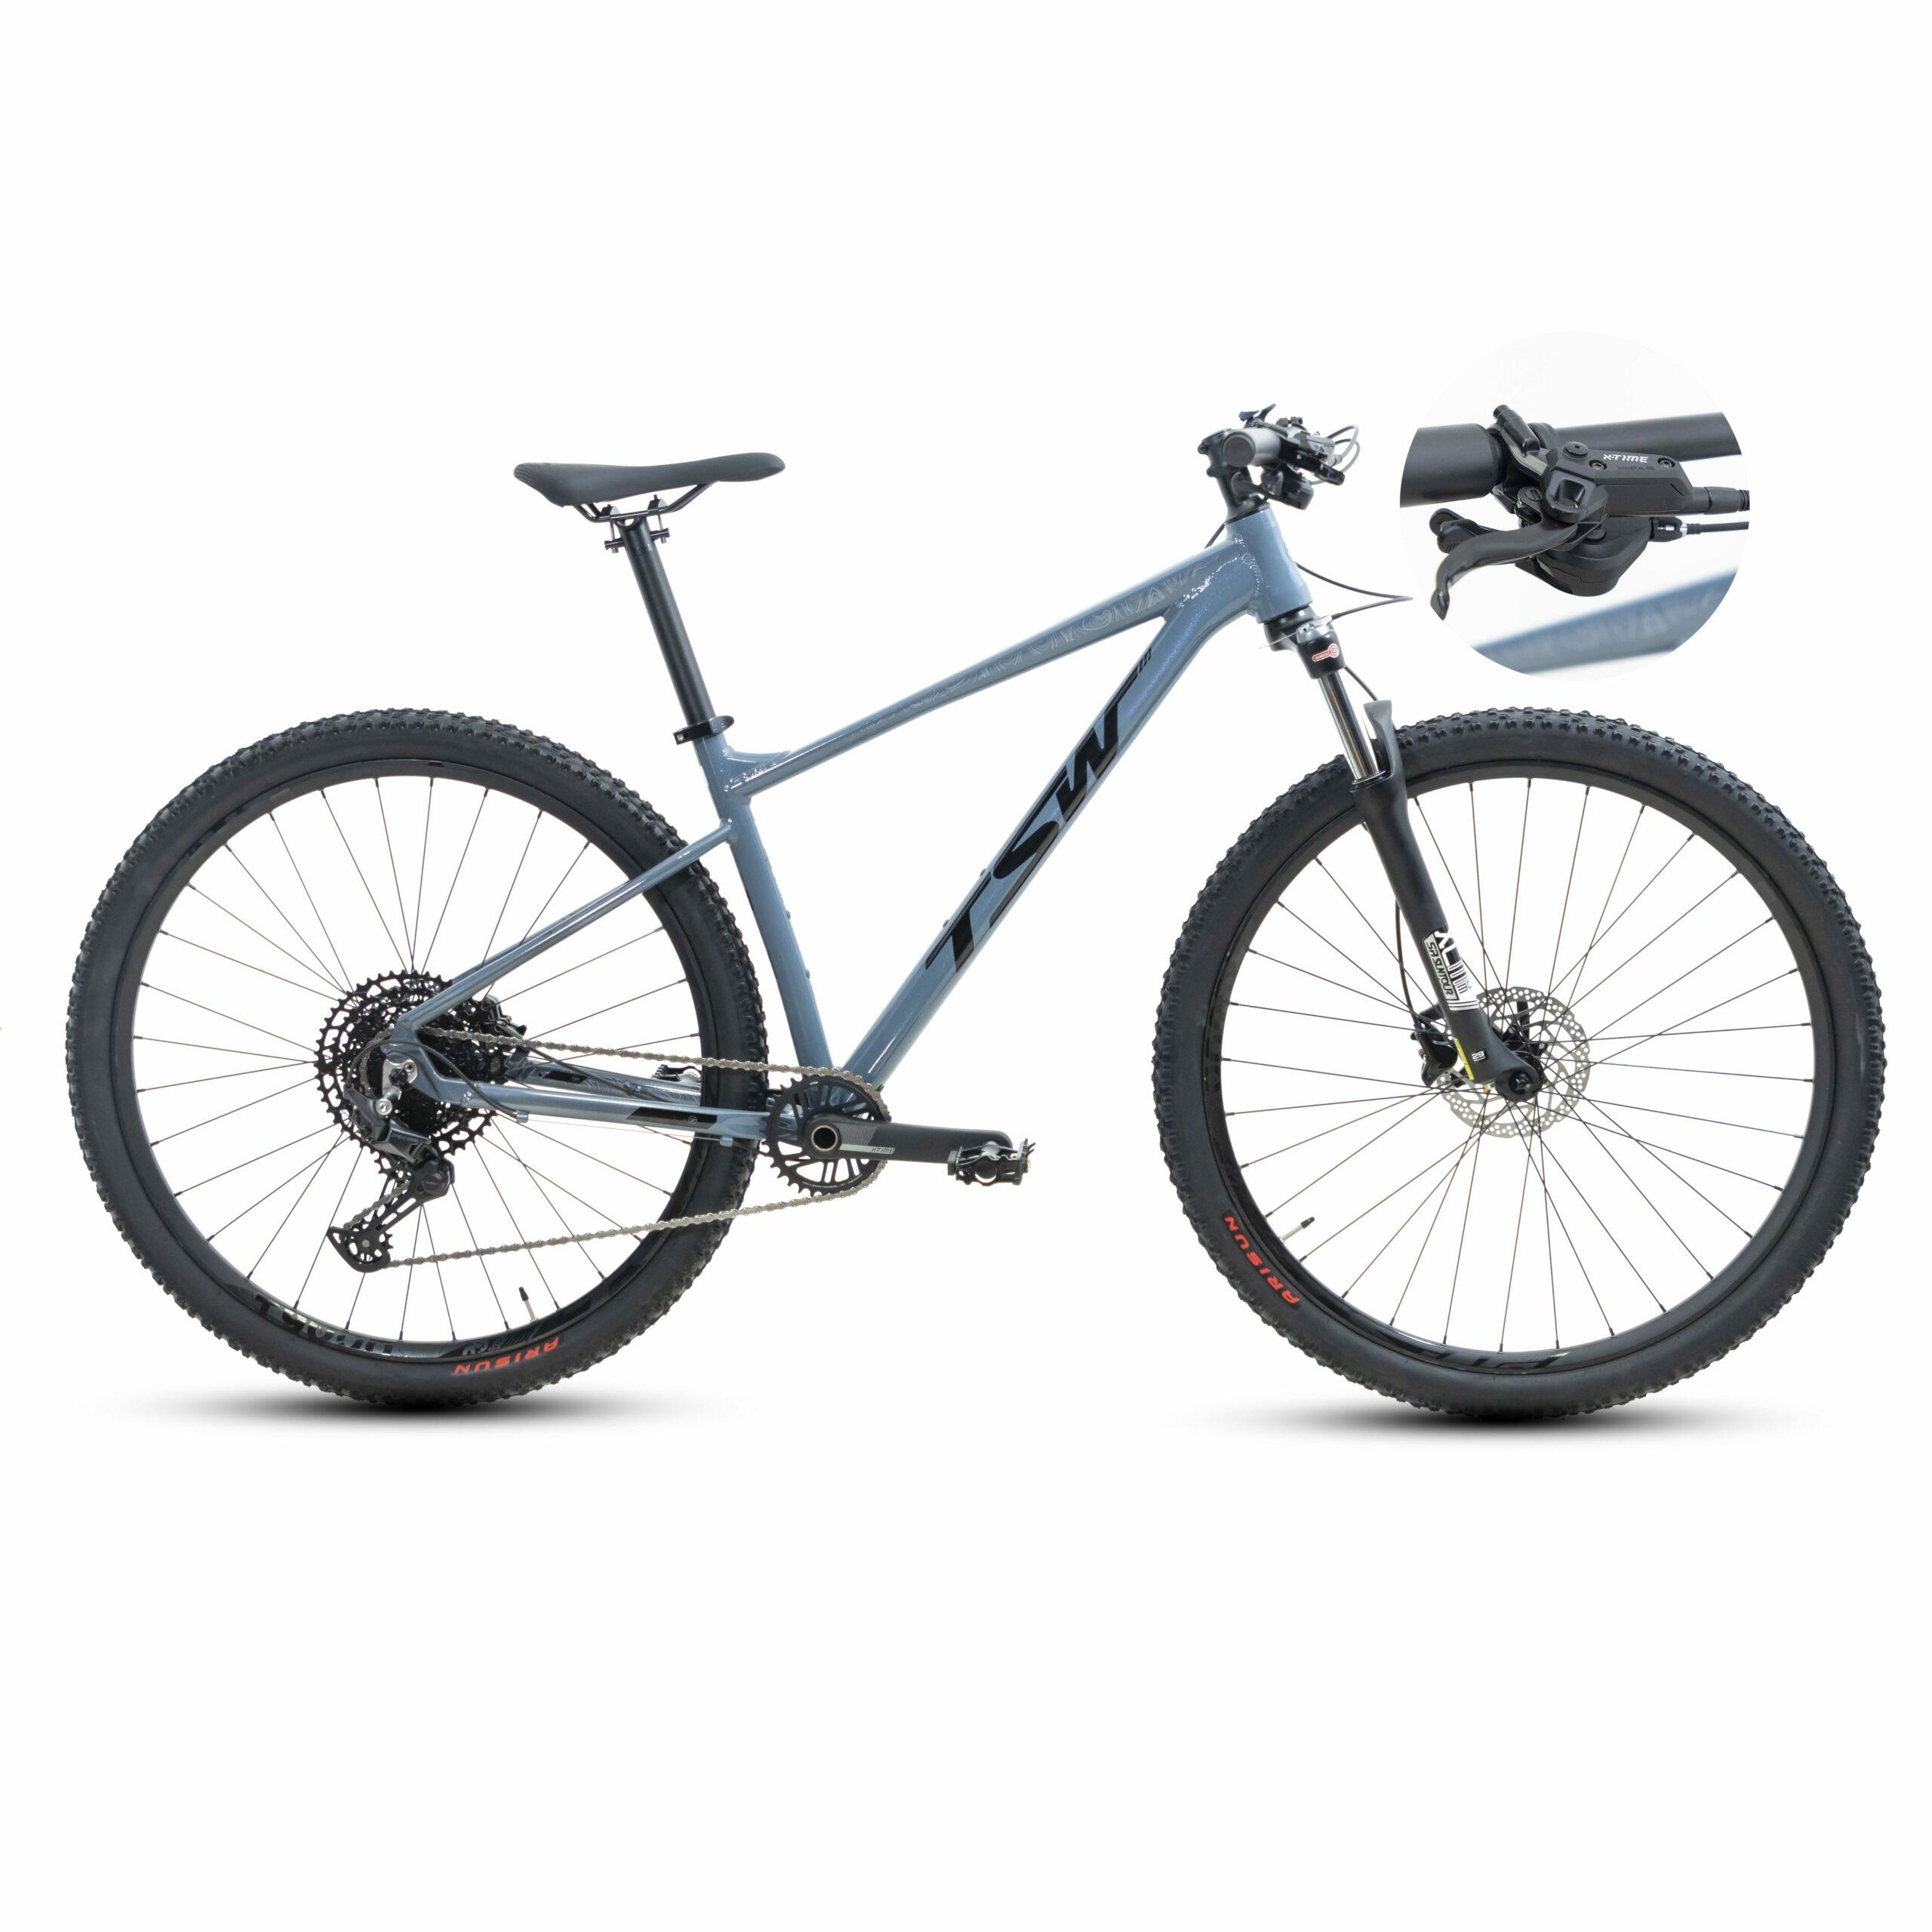 Bicicleta TSW Hurry | SR-12 - Linha com Freios X-TIME 15